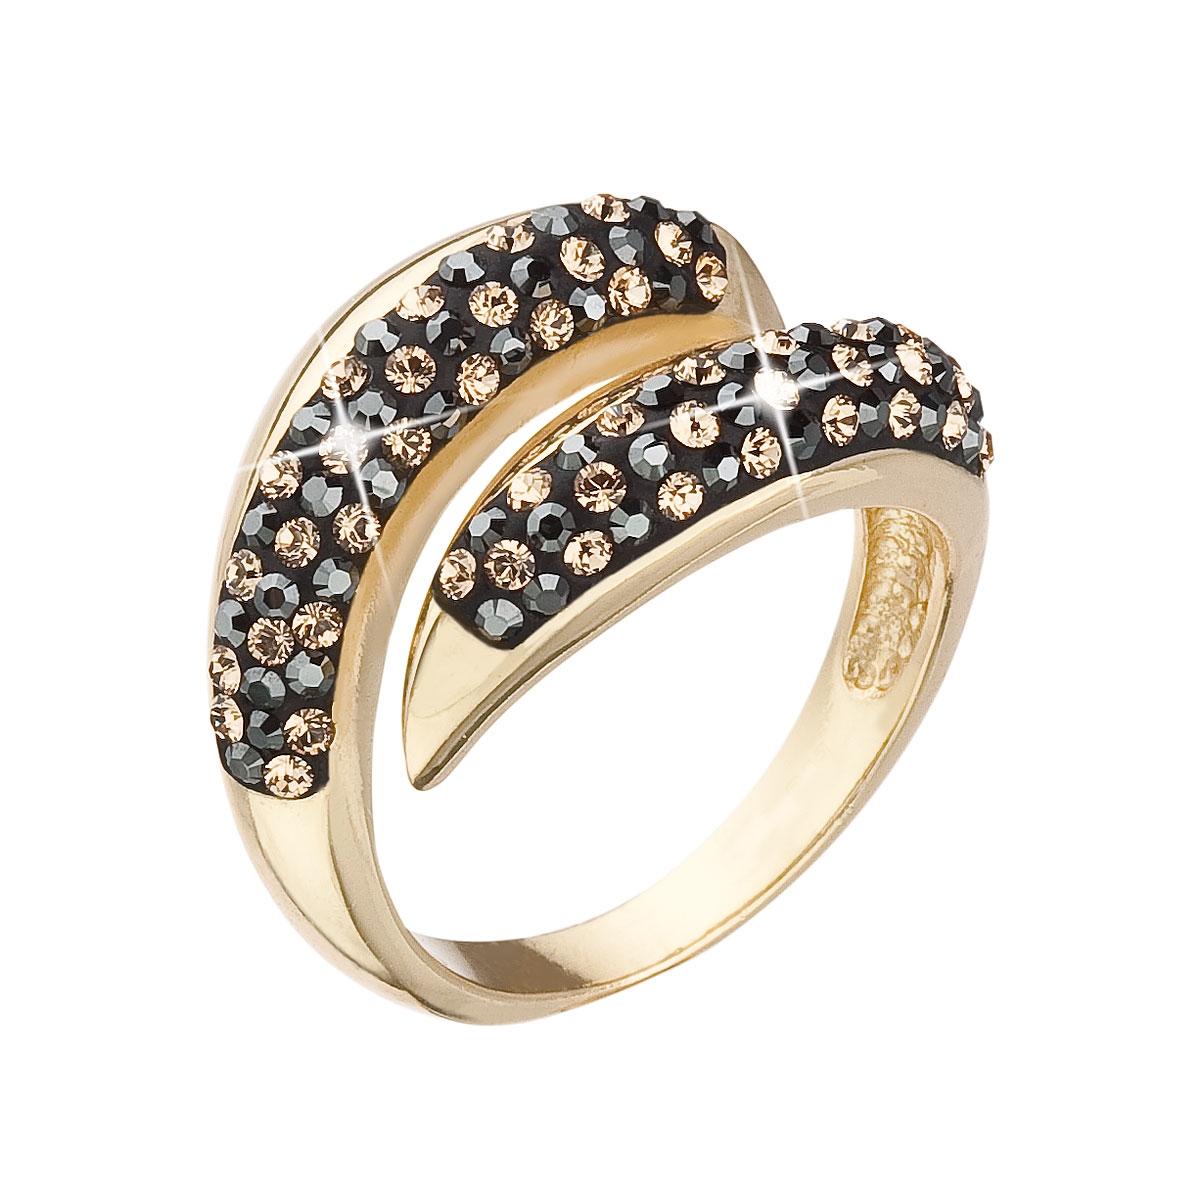 Pozlátený strieborný prsteň s kryštálmi Swarovski Colorado 01468e627ac